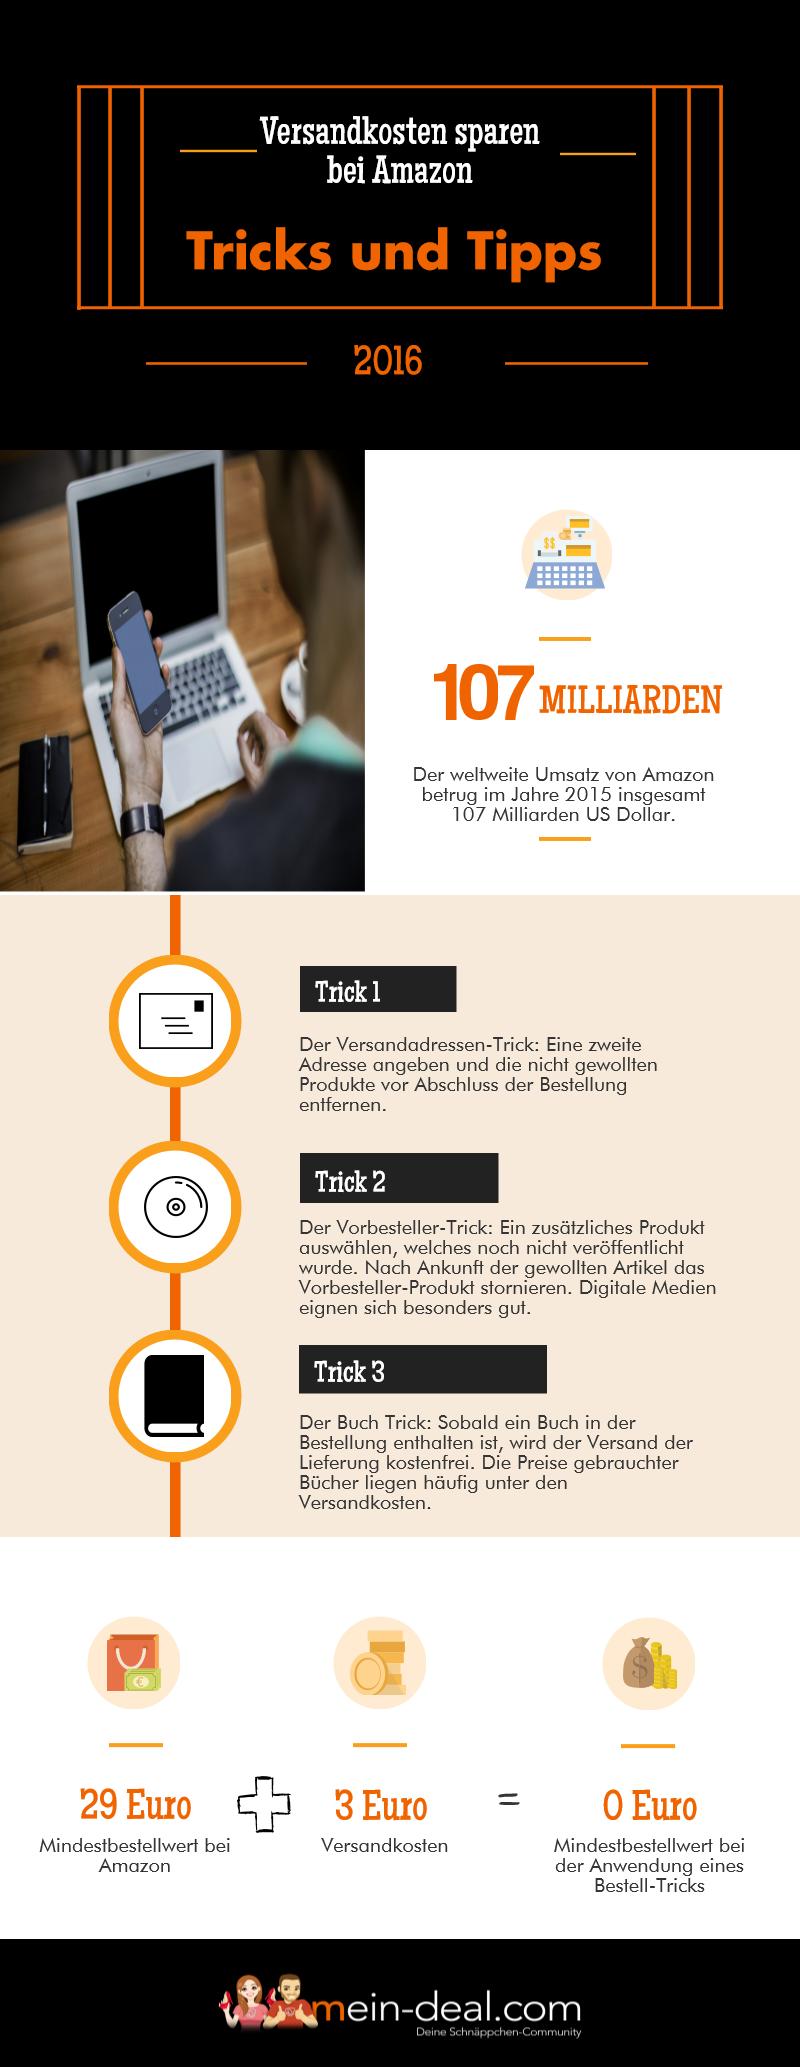 Infografik Amazon Versandkosten Amazon Plus Produkt Trick   Versandkosten sparen